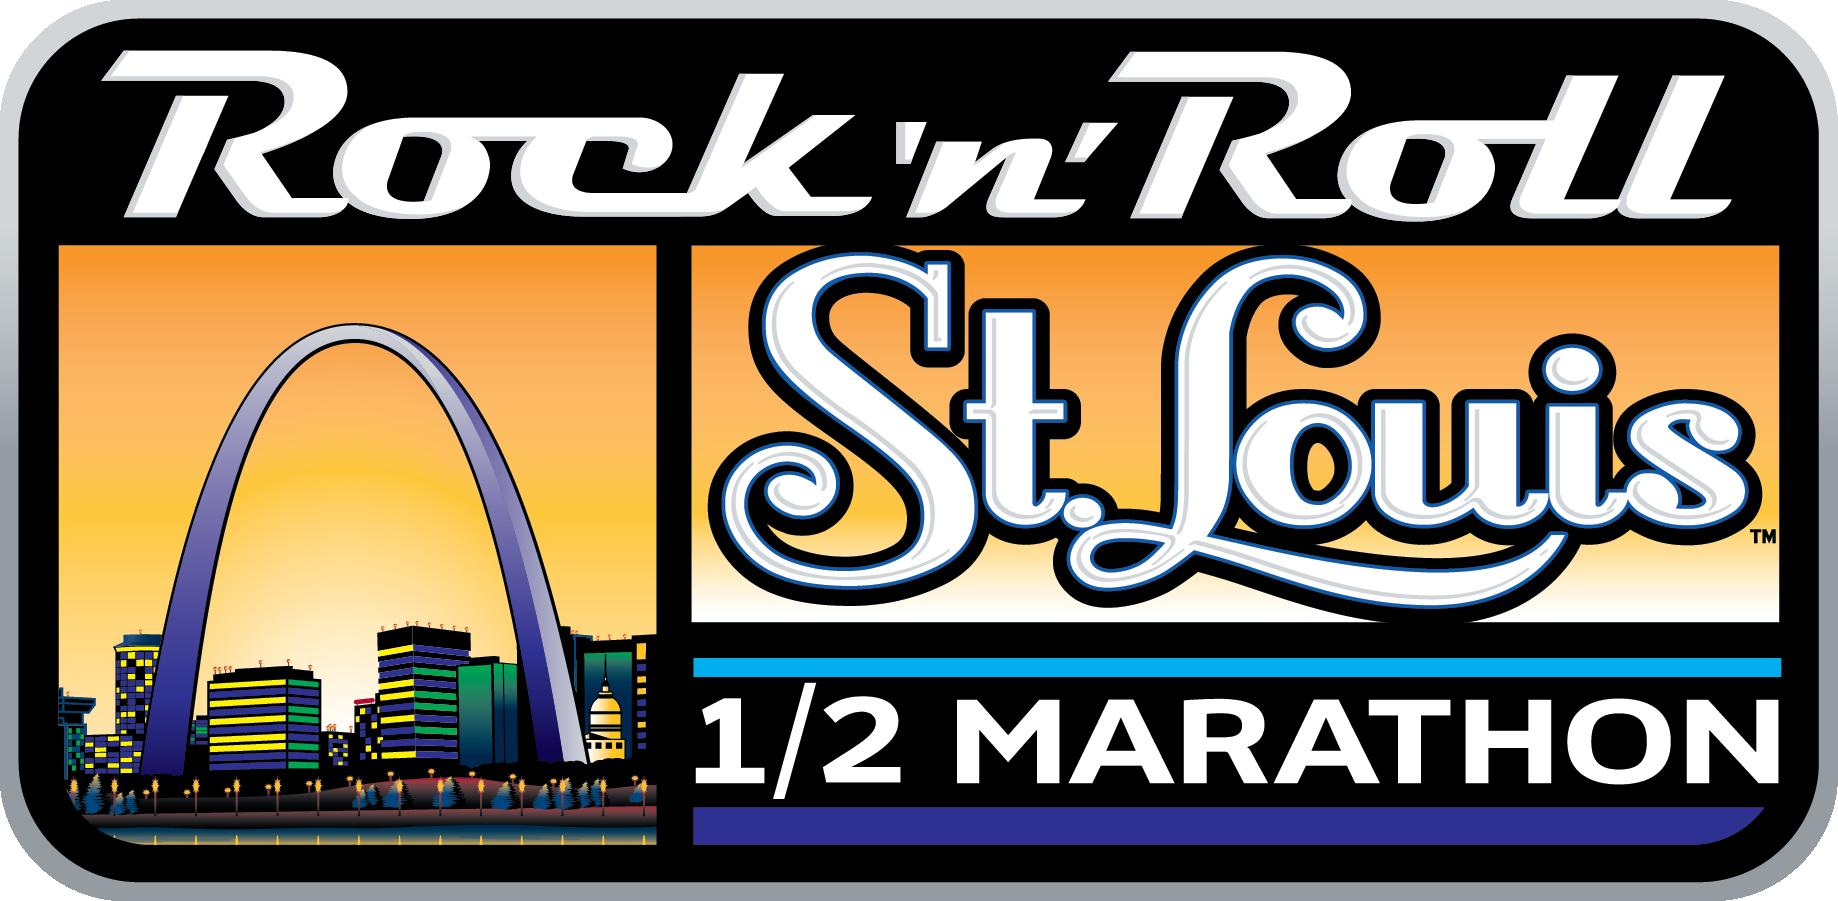 Rock'n'Roll St. Louis